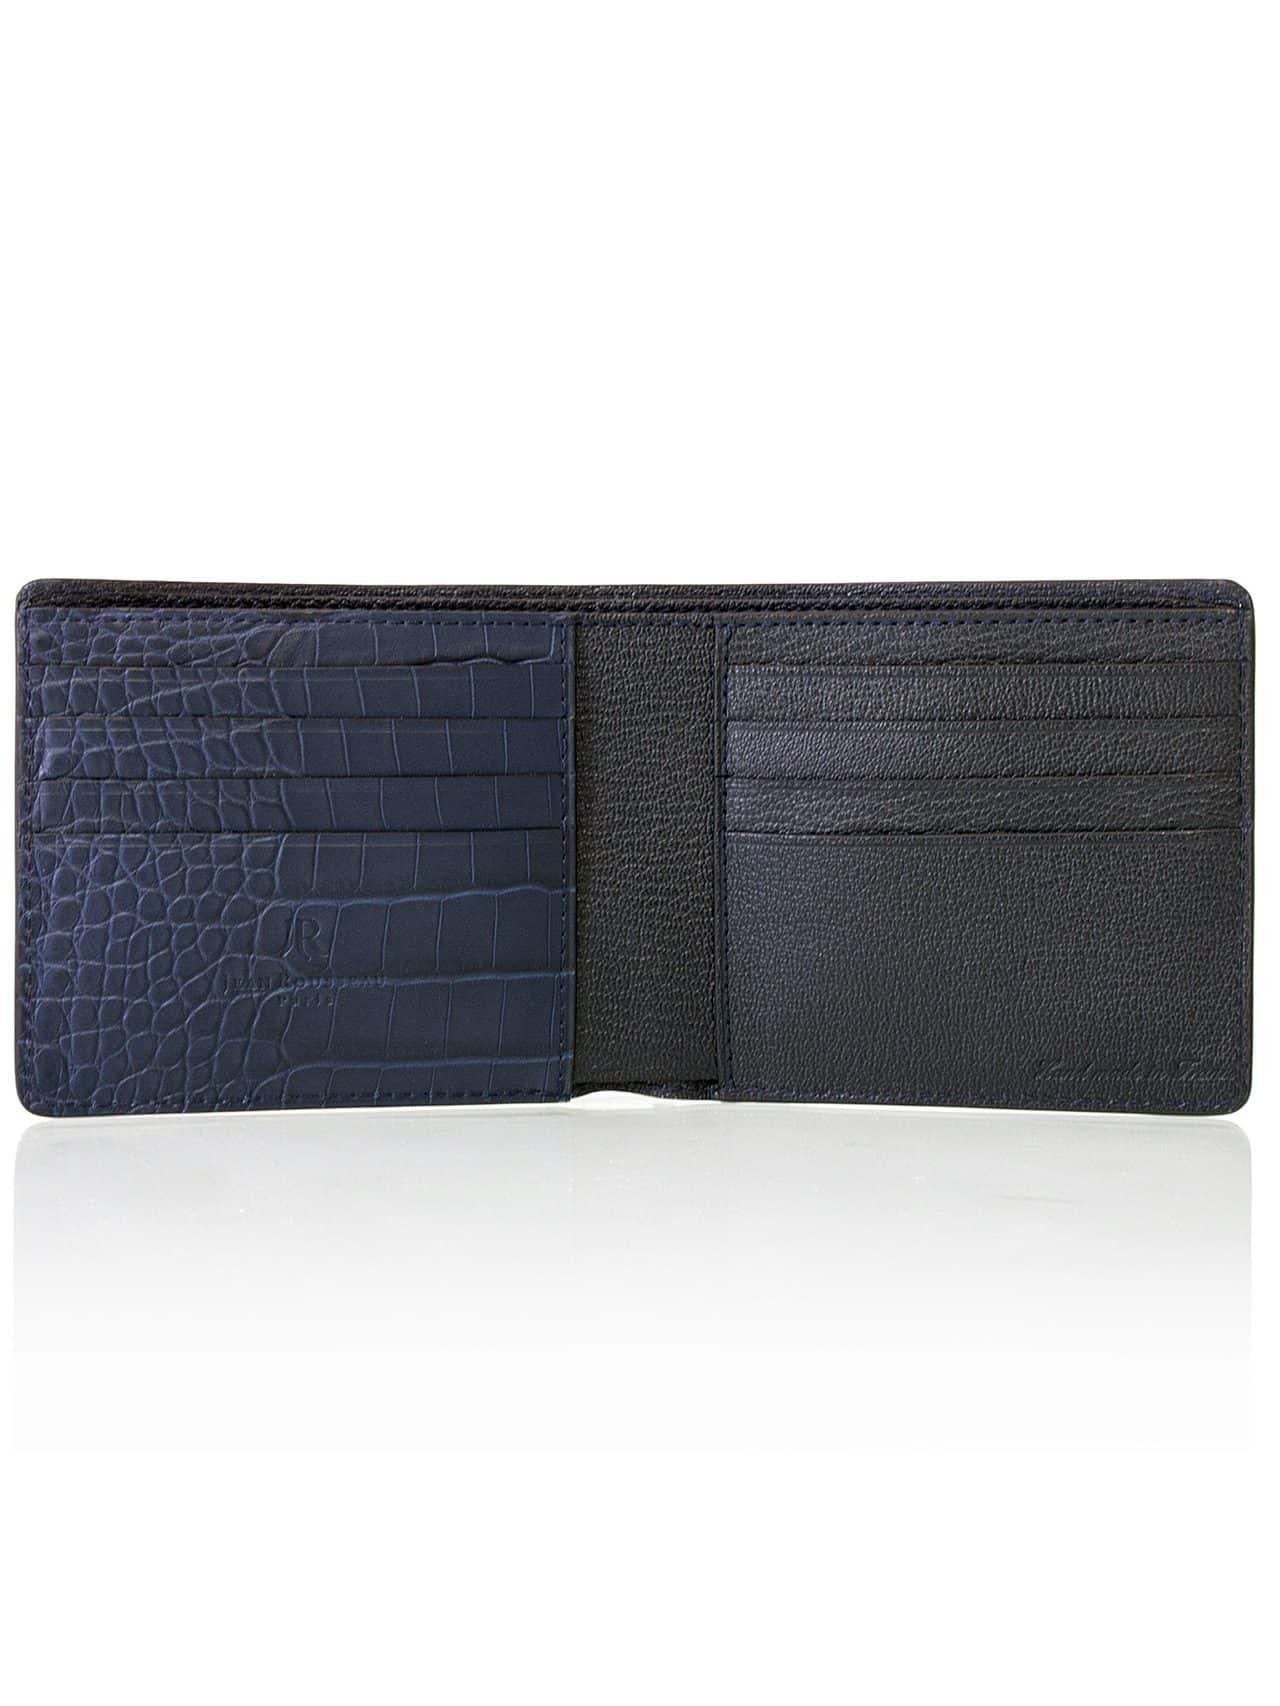 zippy wallet wommen